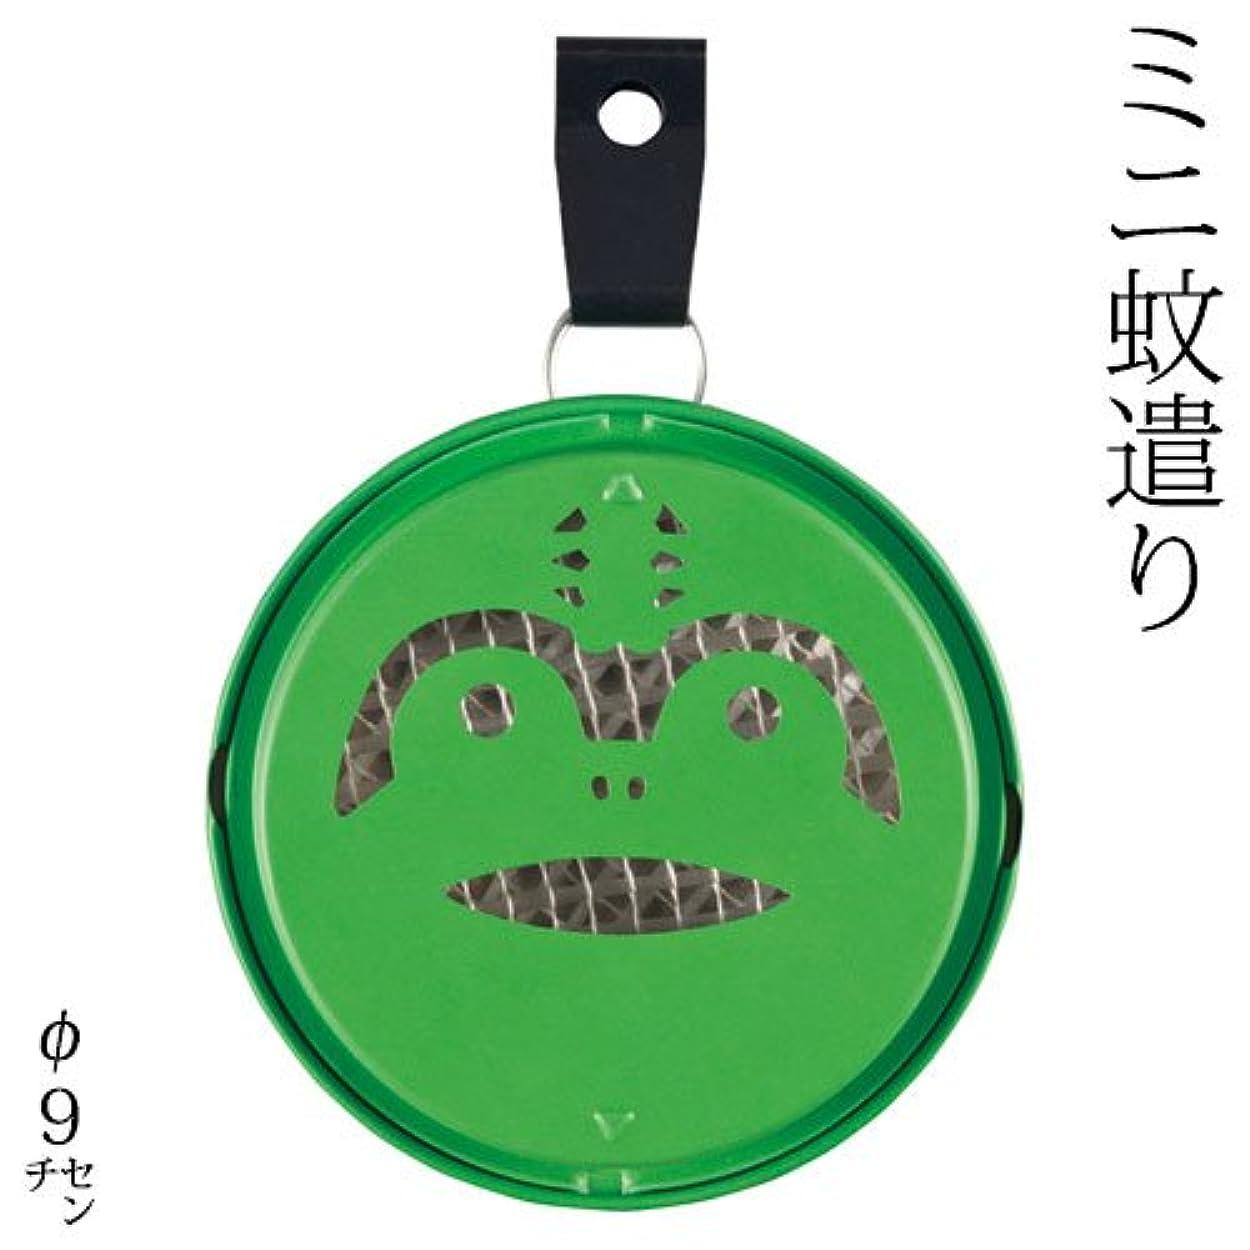 故障補助座標DECOLEポータブルミニ蚊遣りカエル (SK-13932)吊り下げ?床置き対応Portable mini Kayari